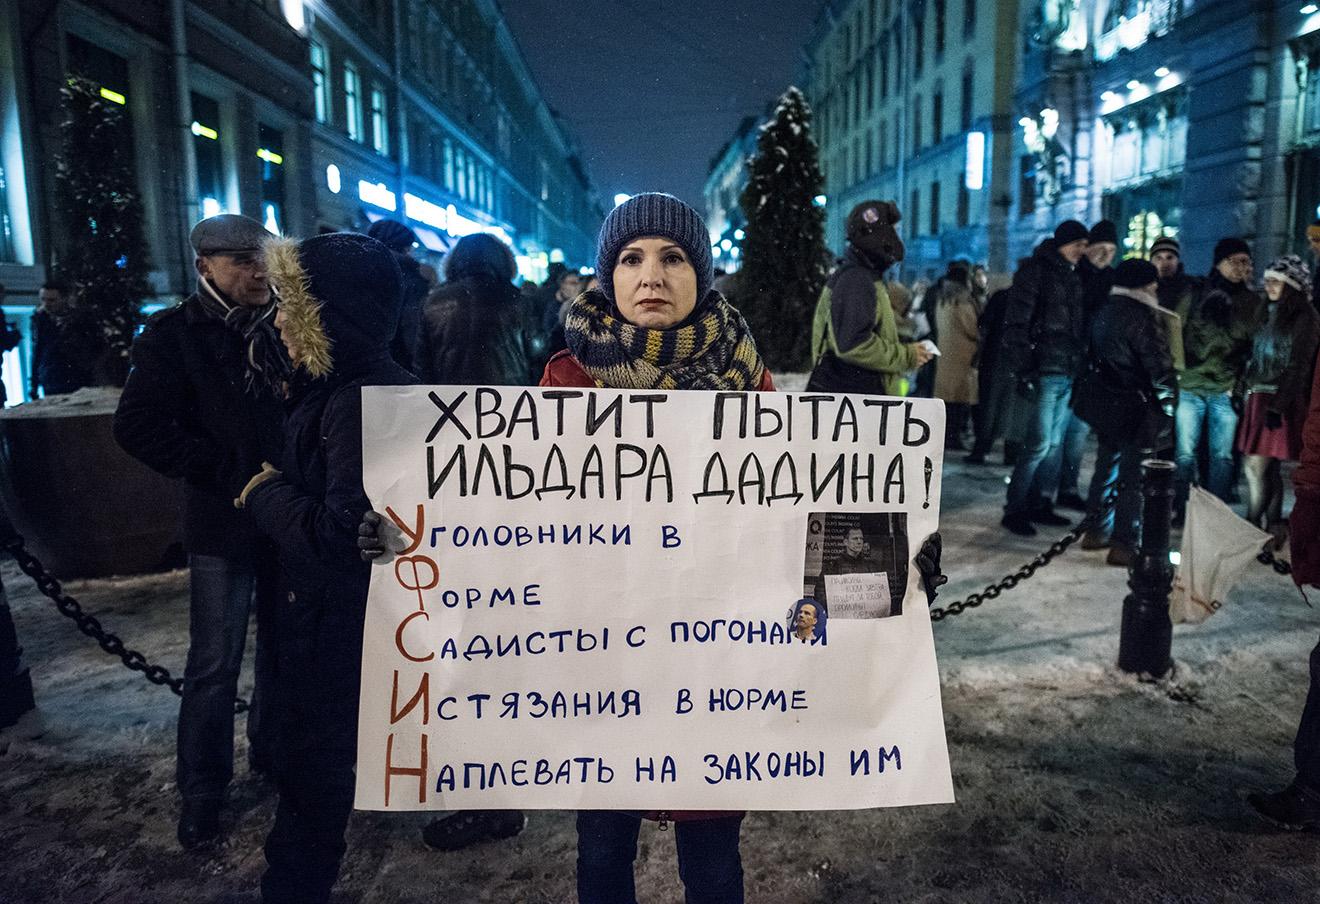 Фото: Игорь Акимов / Интерпресс / ТАСС